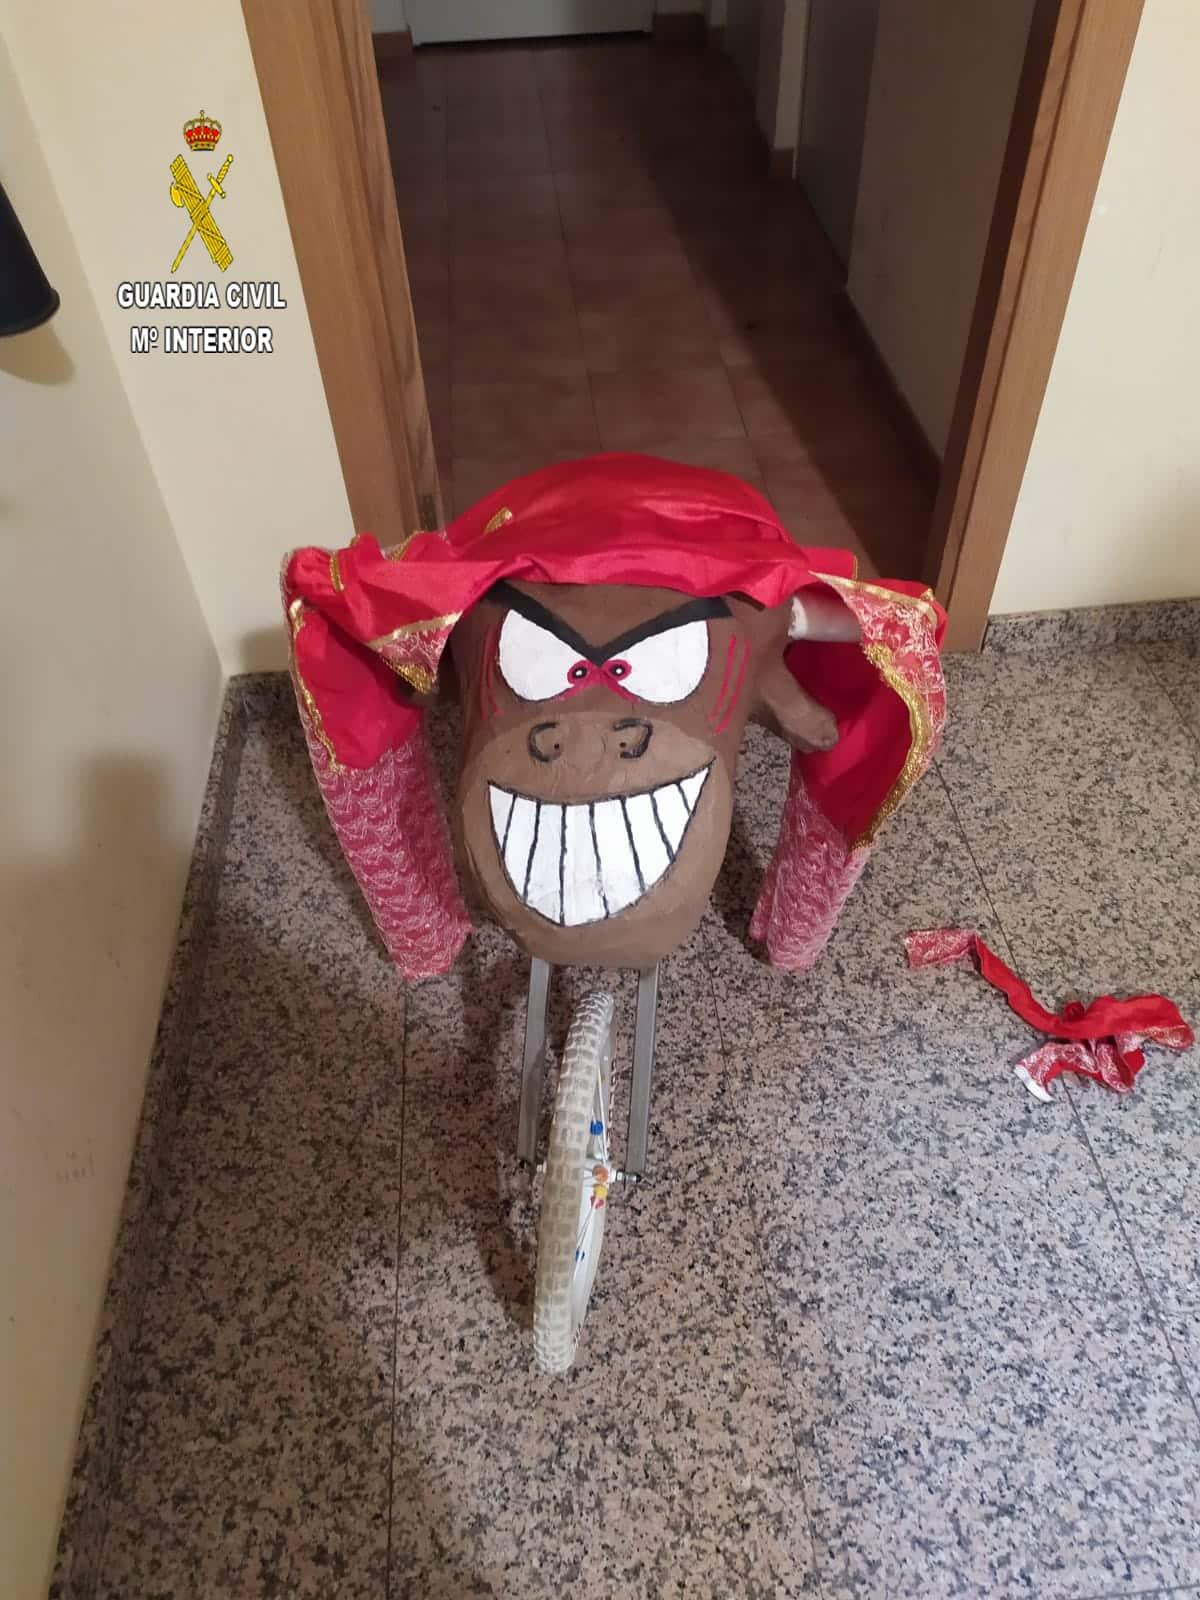 La Guardia Civil denuncia a una persona en La Rioja por saltarse el confinamiento disfrazado de torero 1